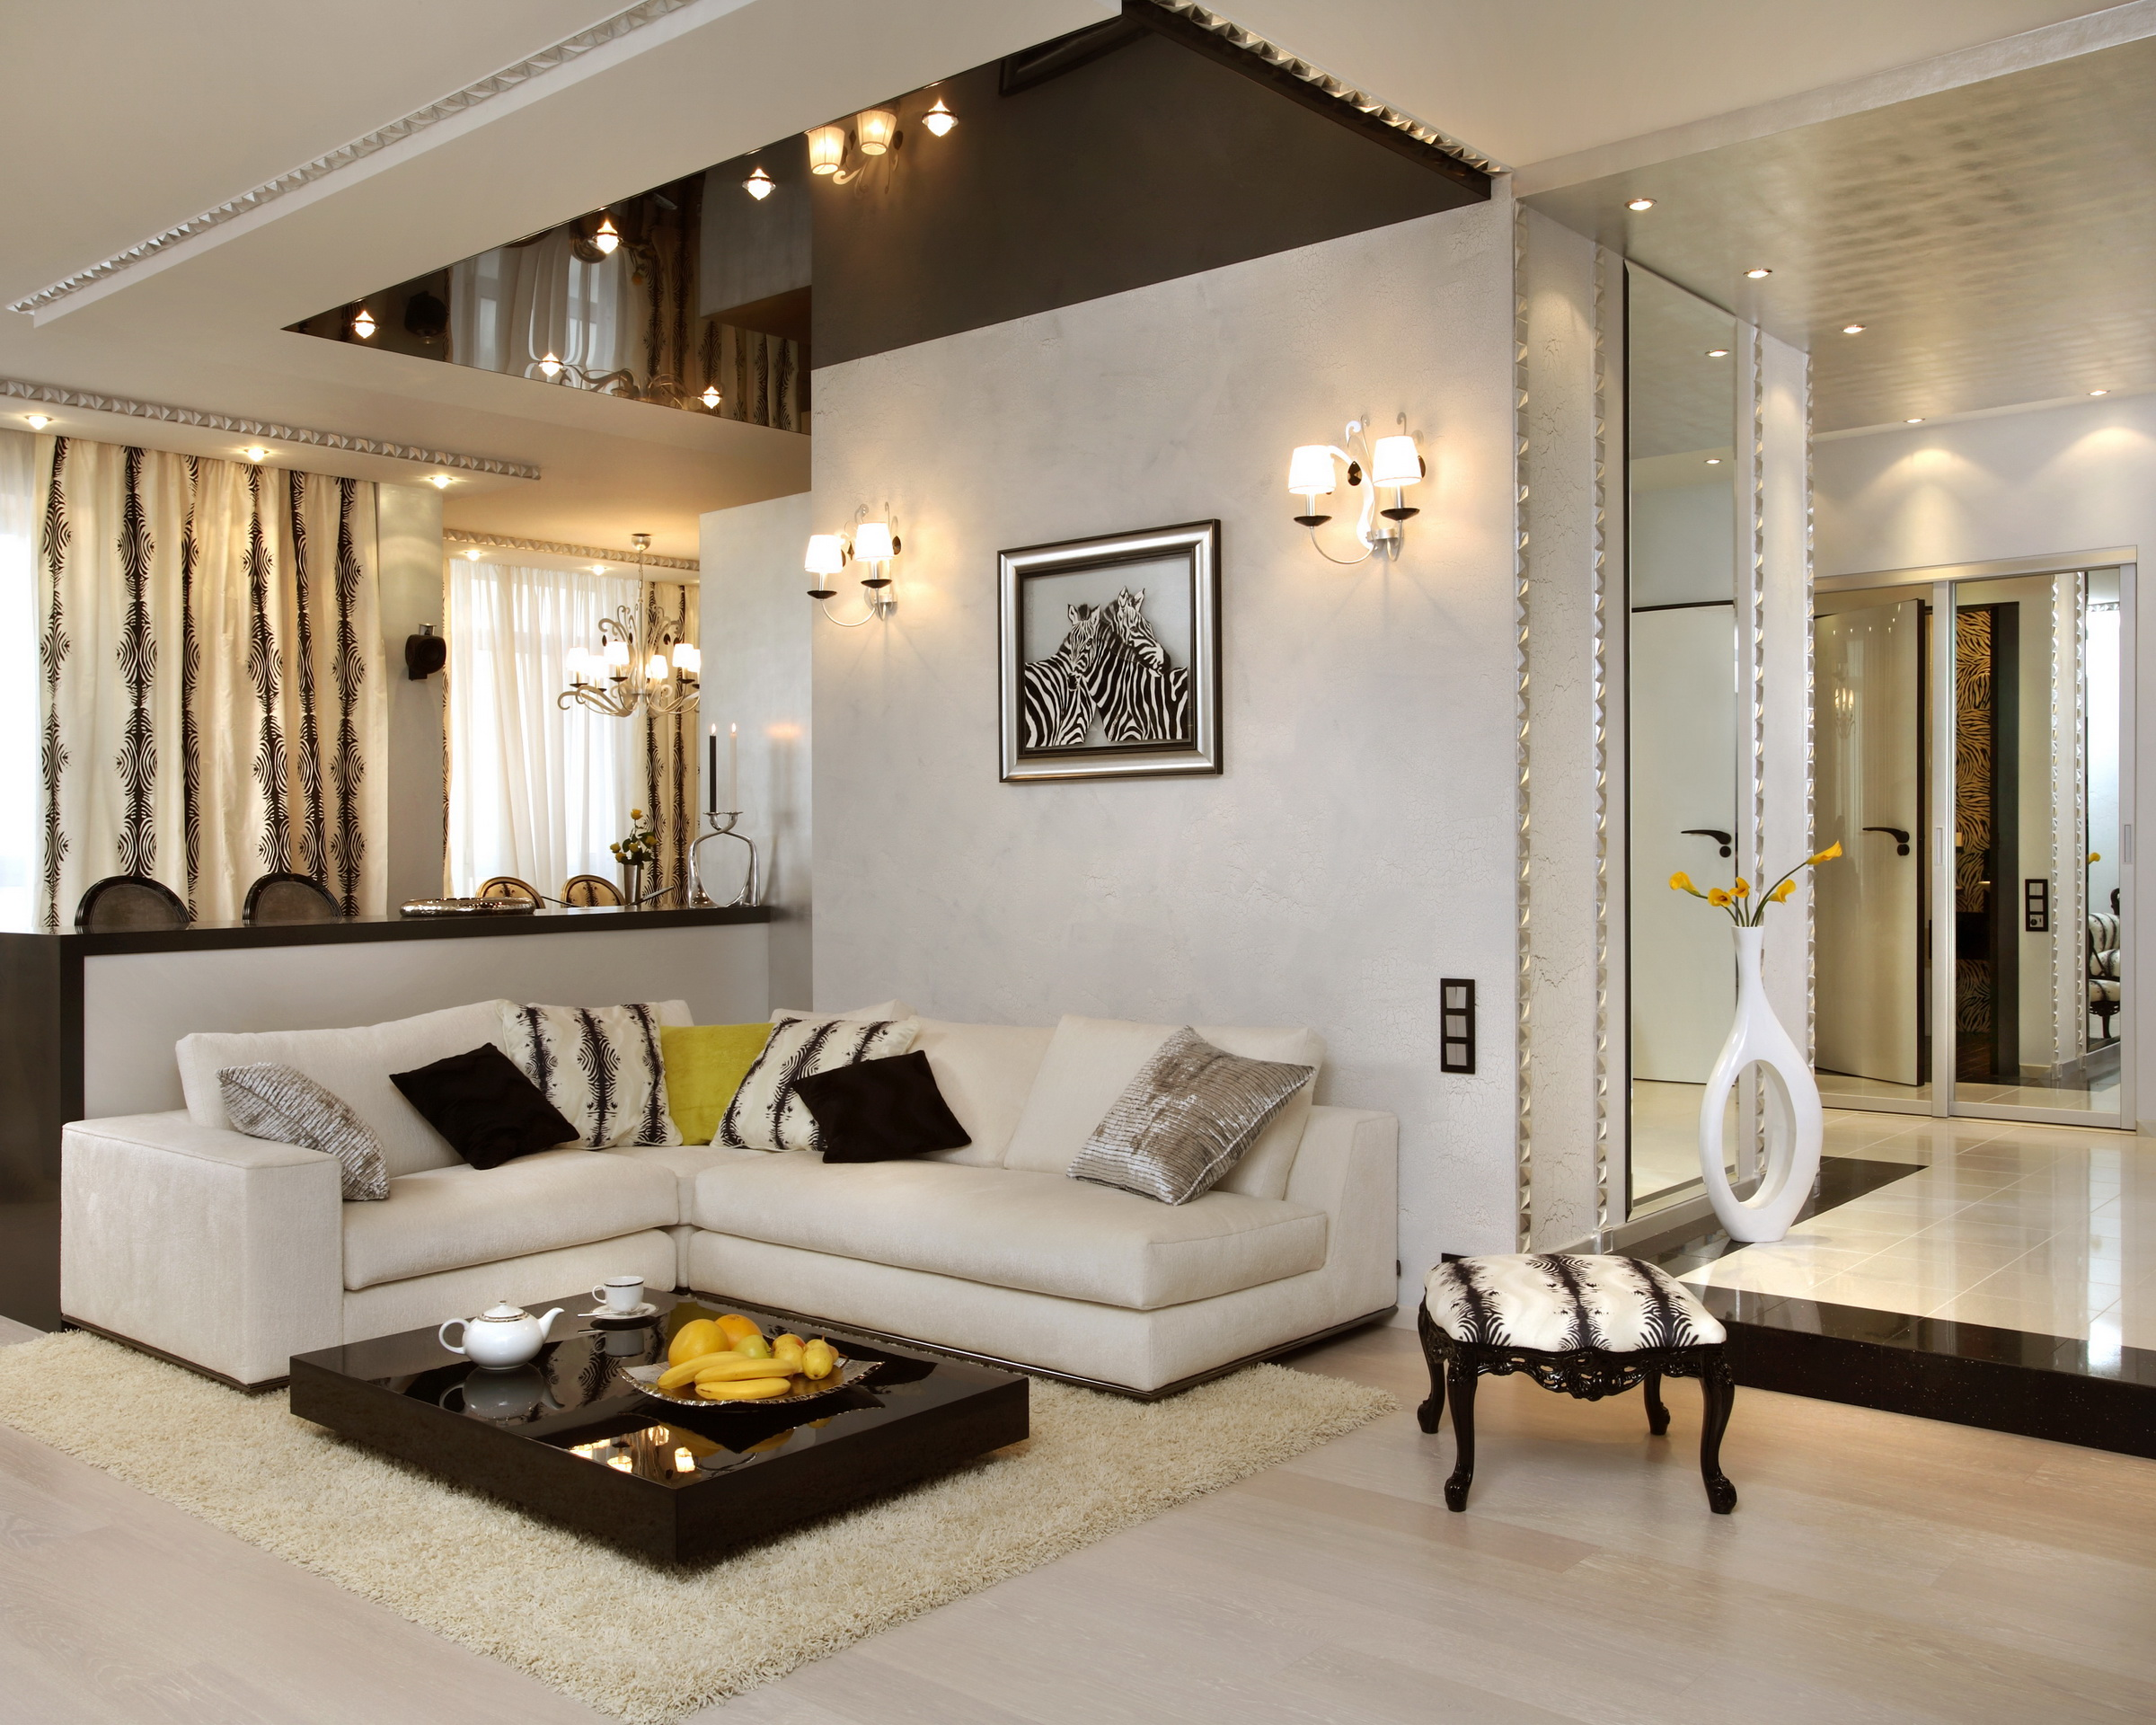 Делаем ремонт квартиры в стиле ар-деко